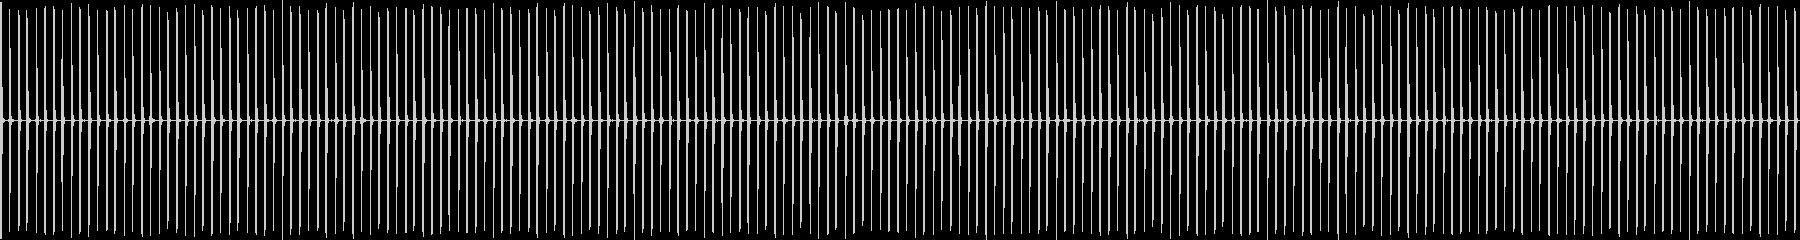 チクタク・・・・(約1分)の未再生の波形